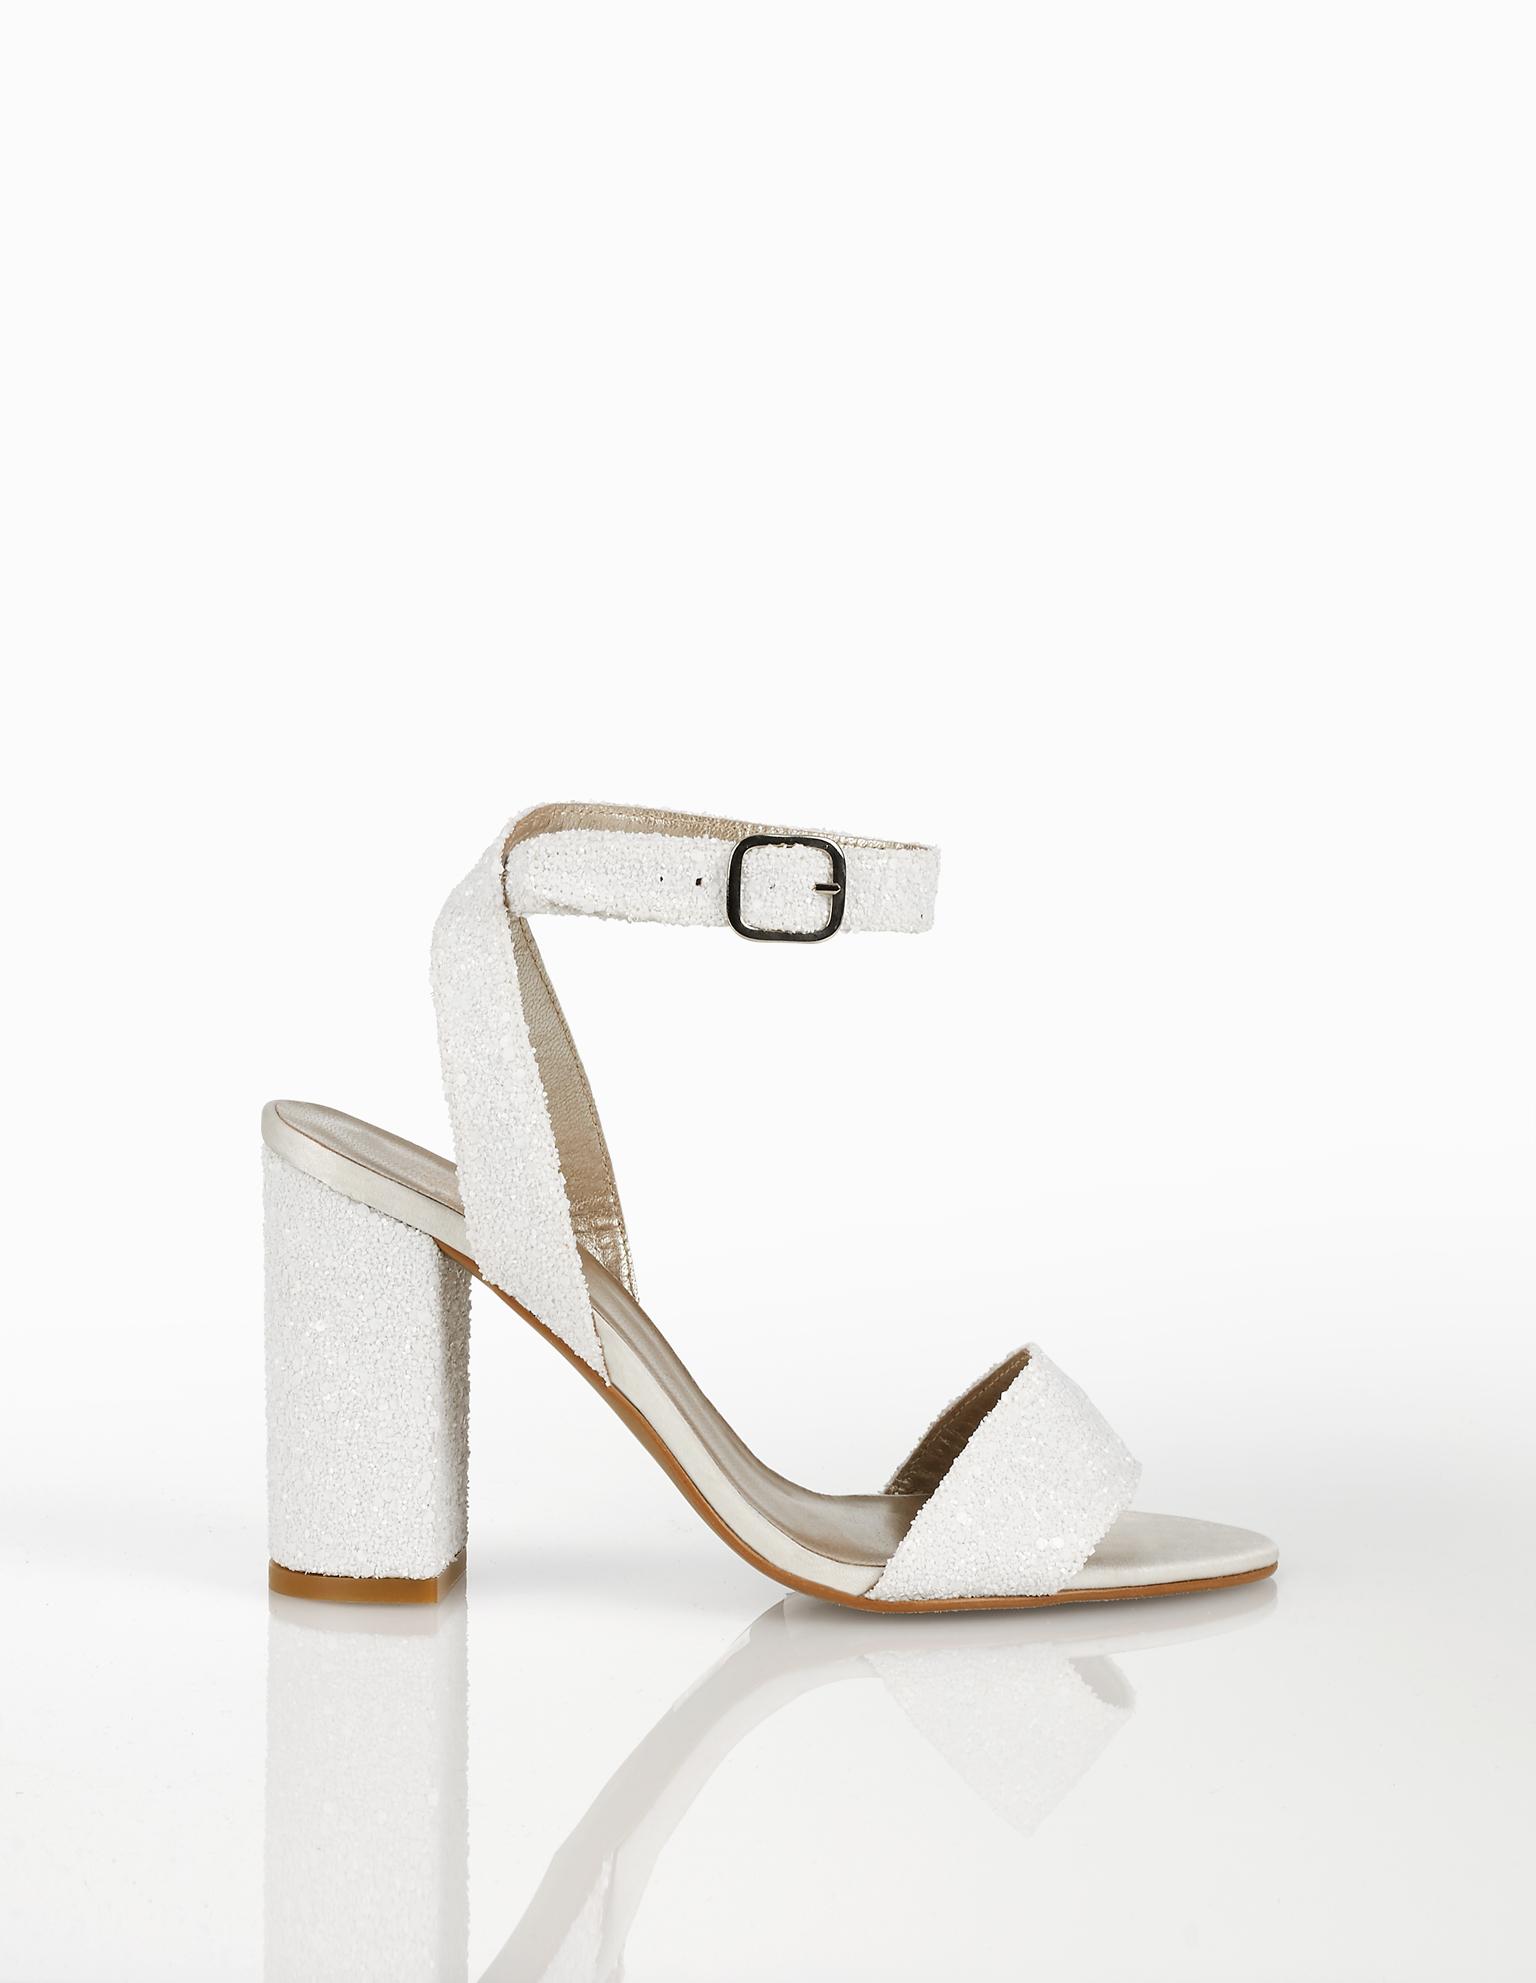 Sandálias de noiva de glitter de salto médio, disponíveis em branco e prateado. Coleção AIRE BARCELONA 2018.